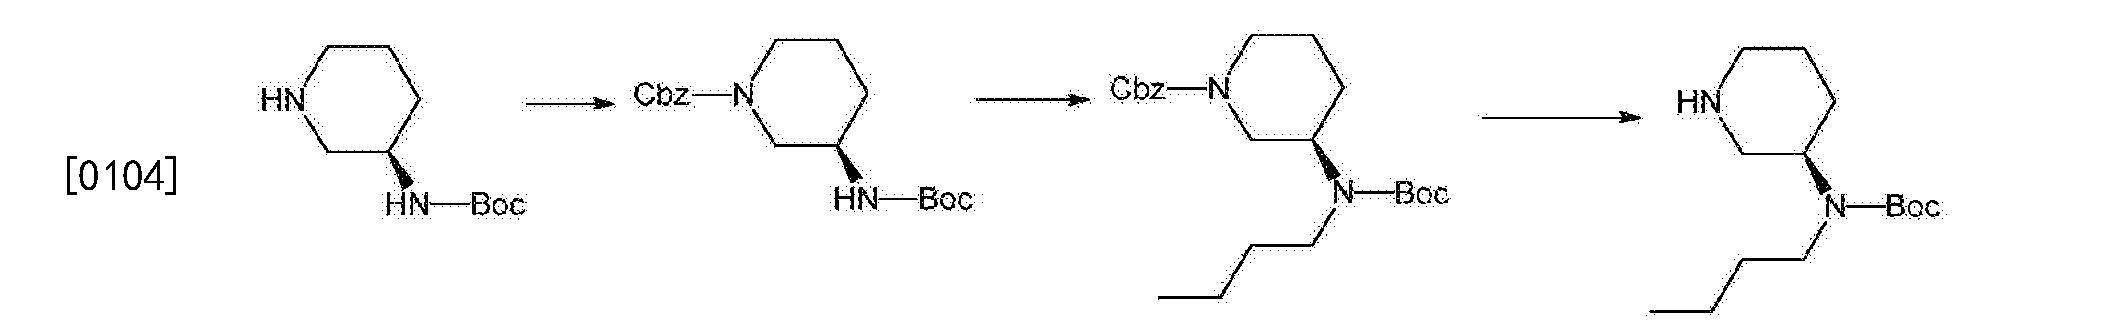 Figure CN105503873BD00131